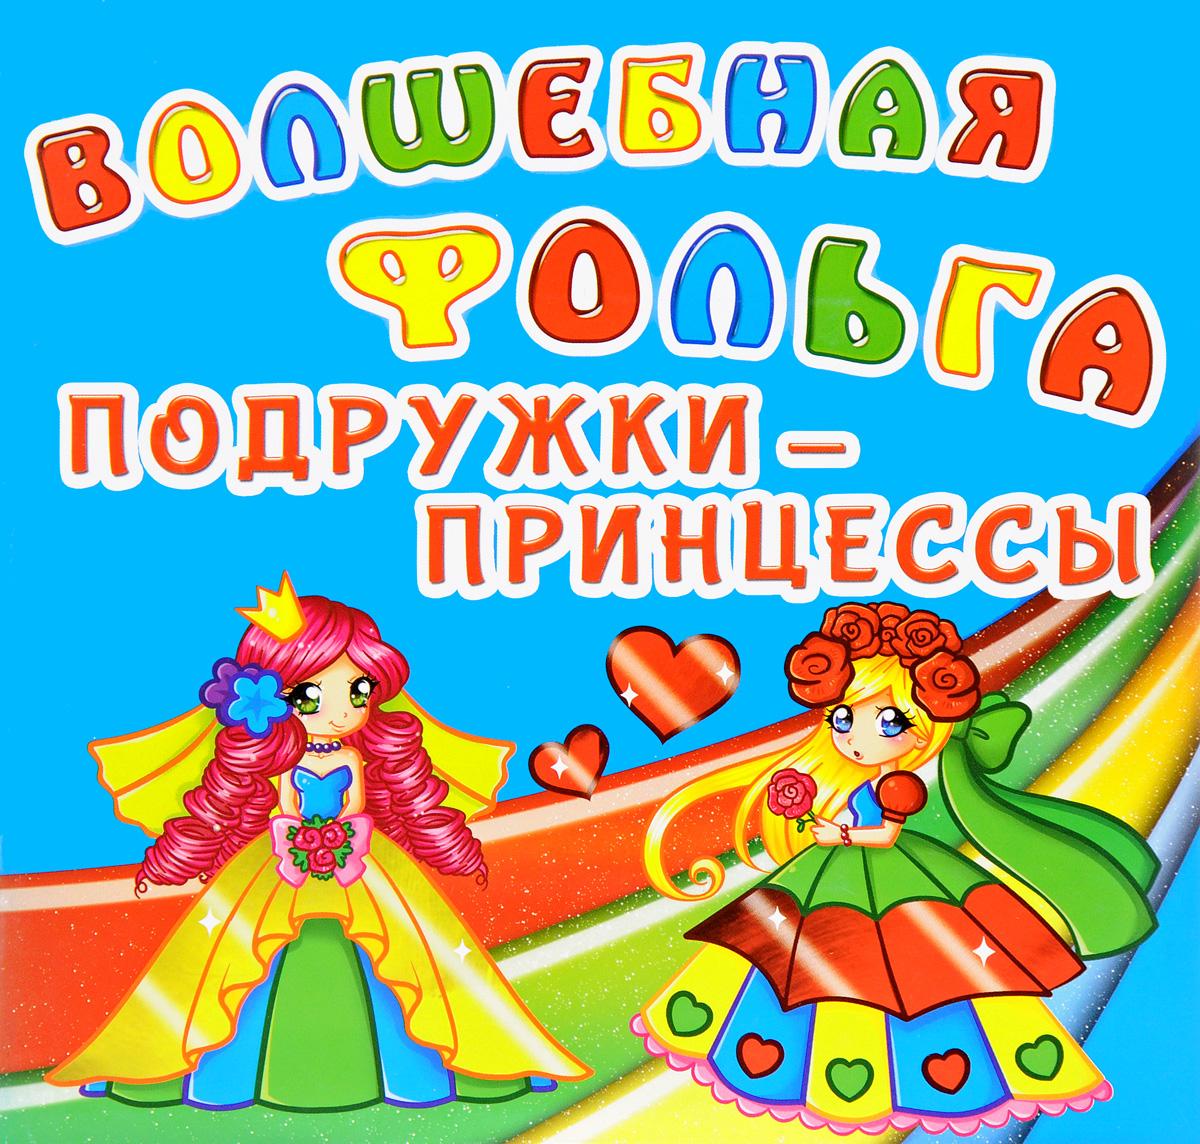 Д. В. Лысакова Подружки-принцессы. Волшебная фольга